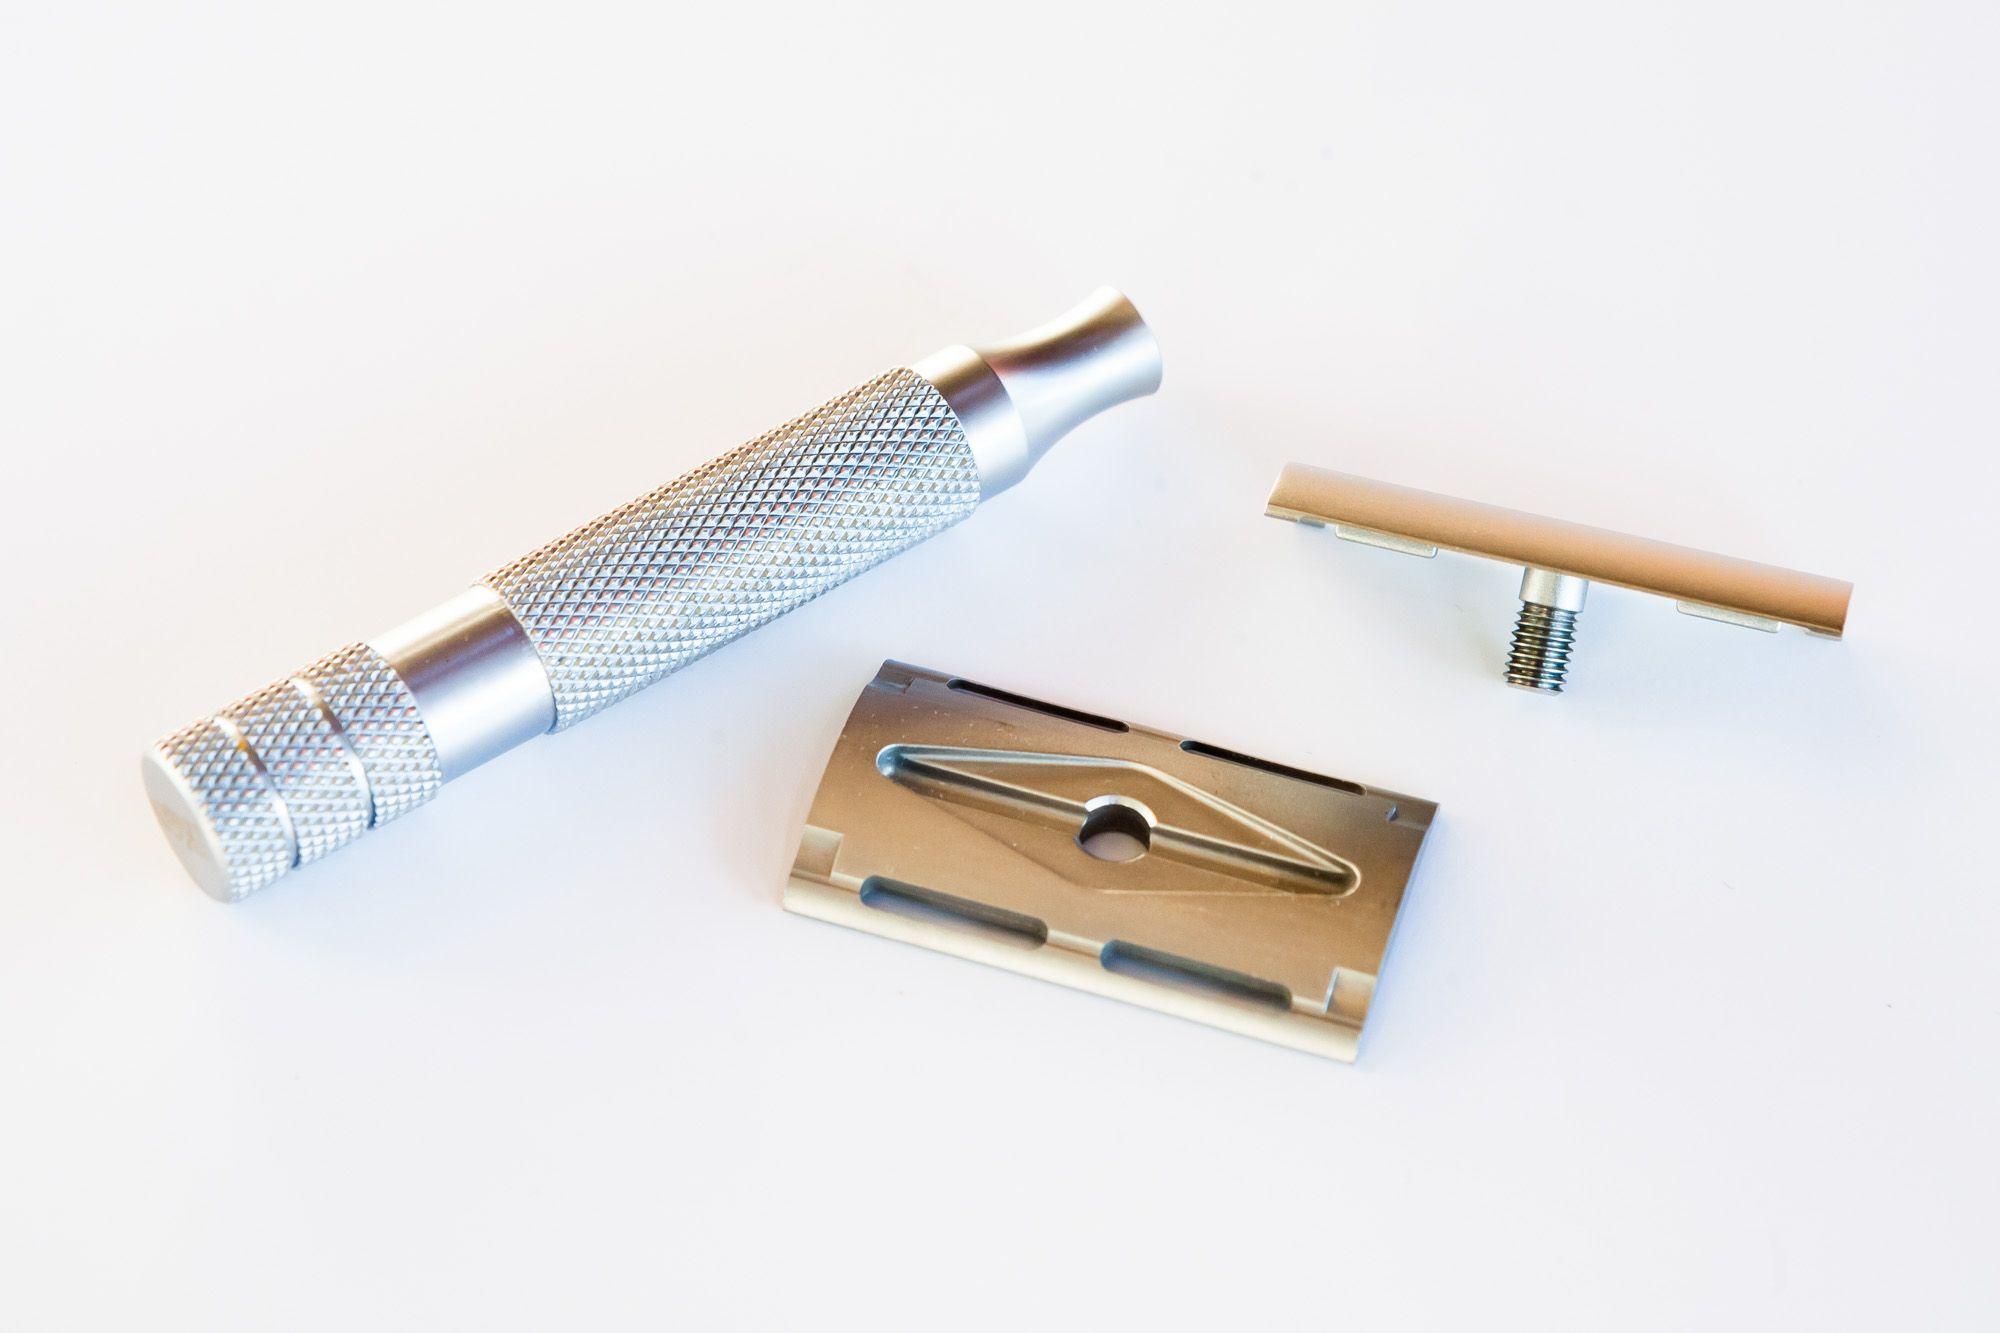 Maszynka iKon Standard Bar po rozłożeniu na części